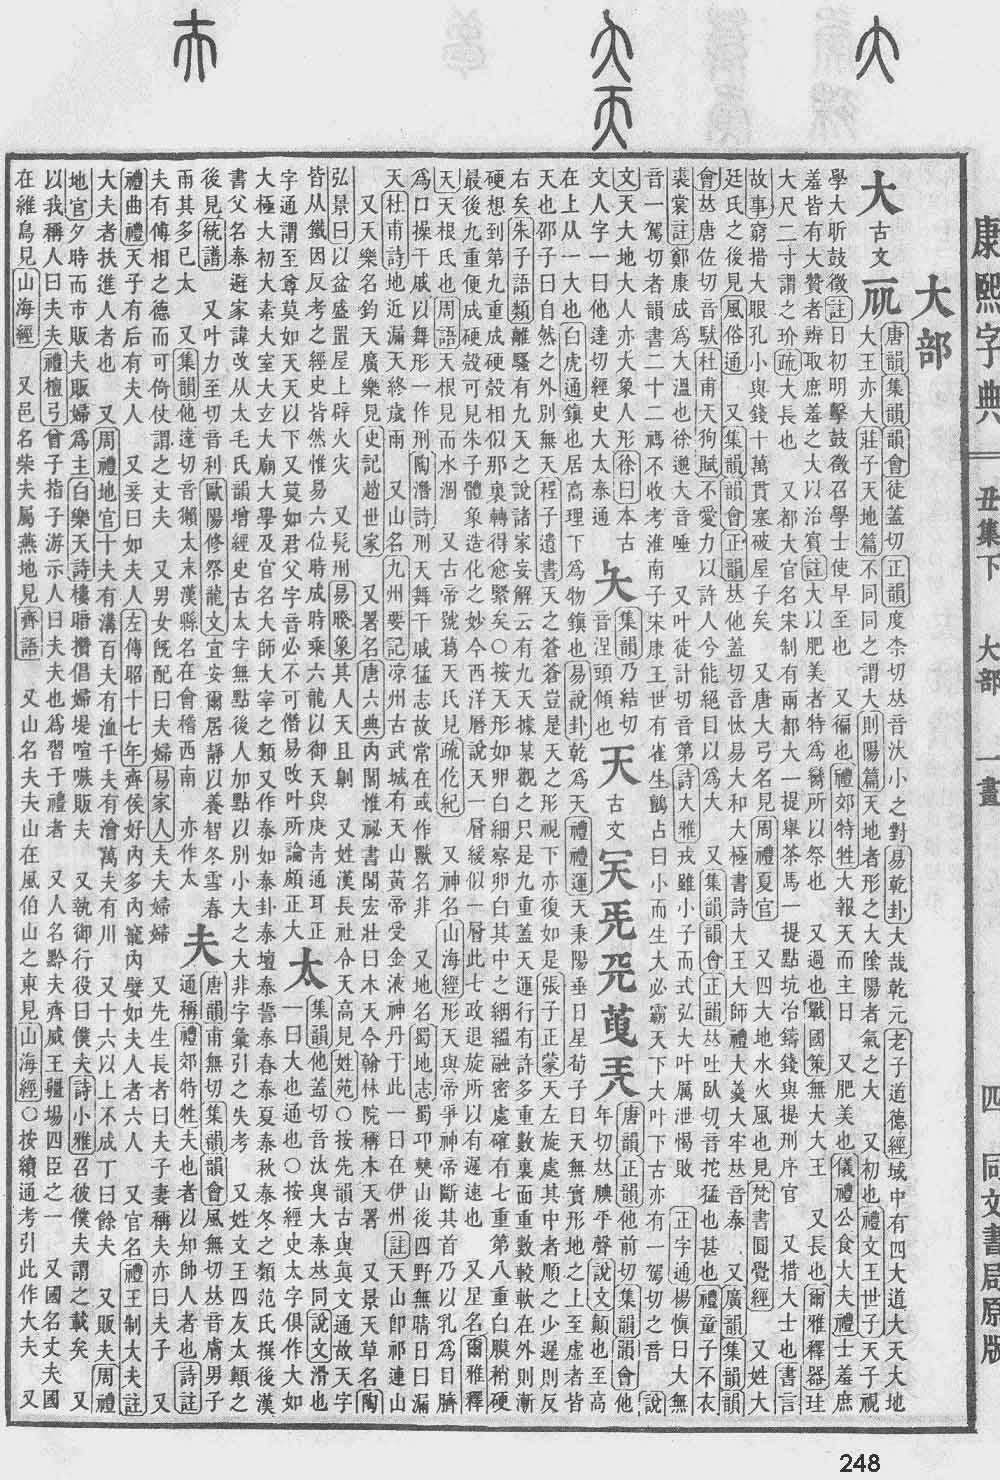 《康熙字典》第248页